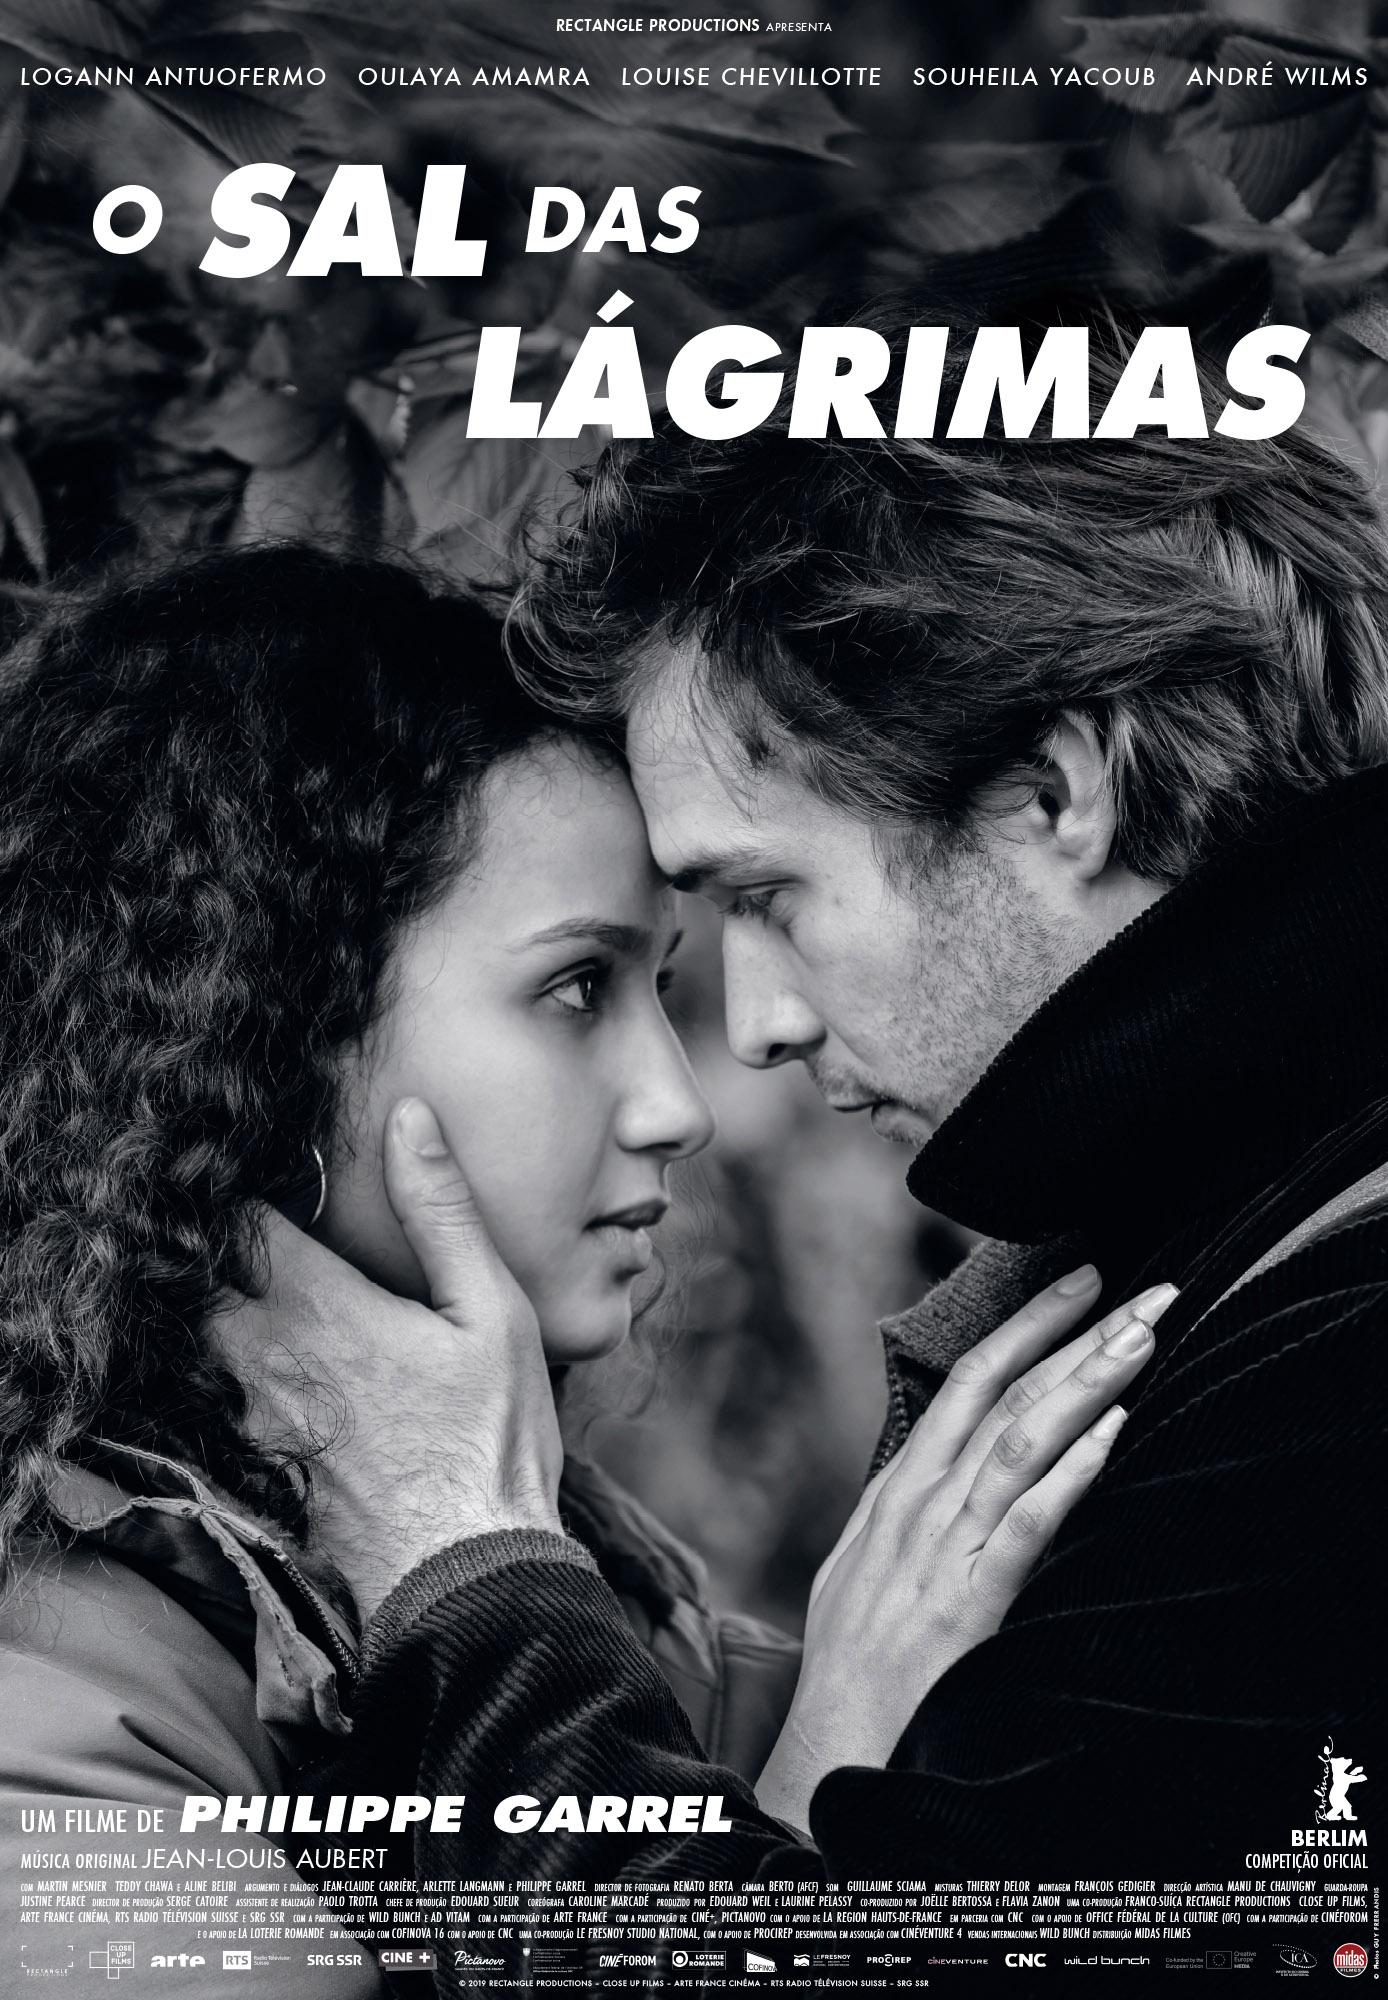 Cinema | O SAL DAS LÁGRIMAS